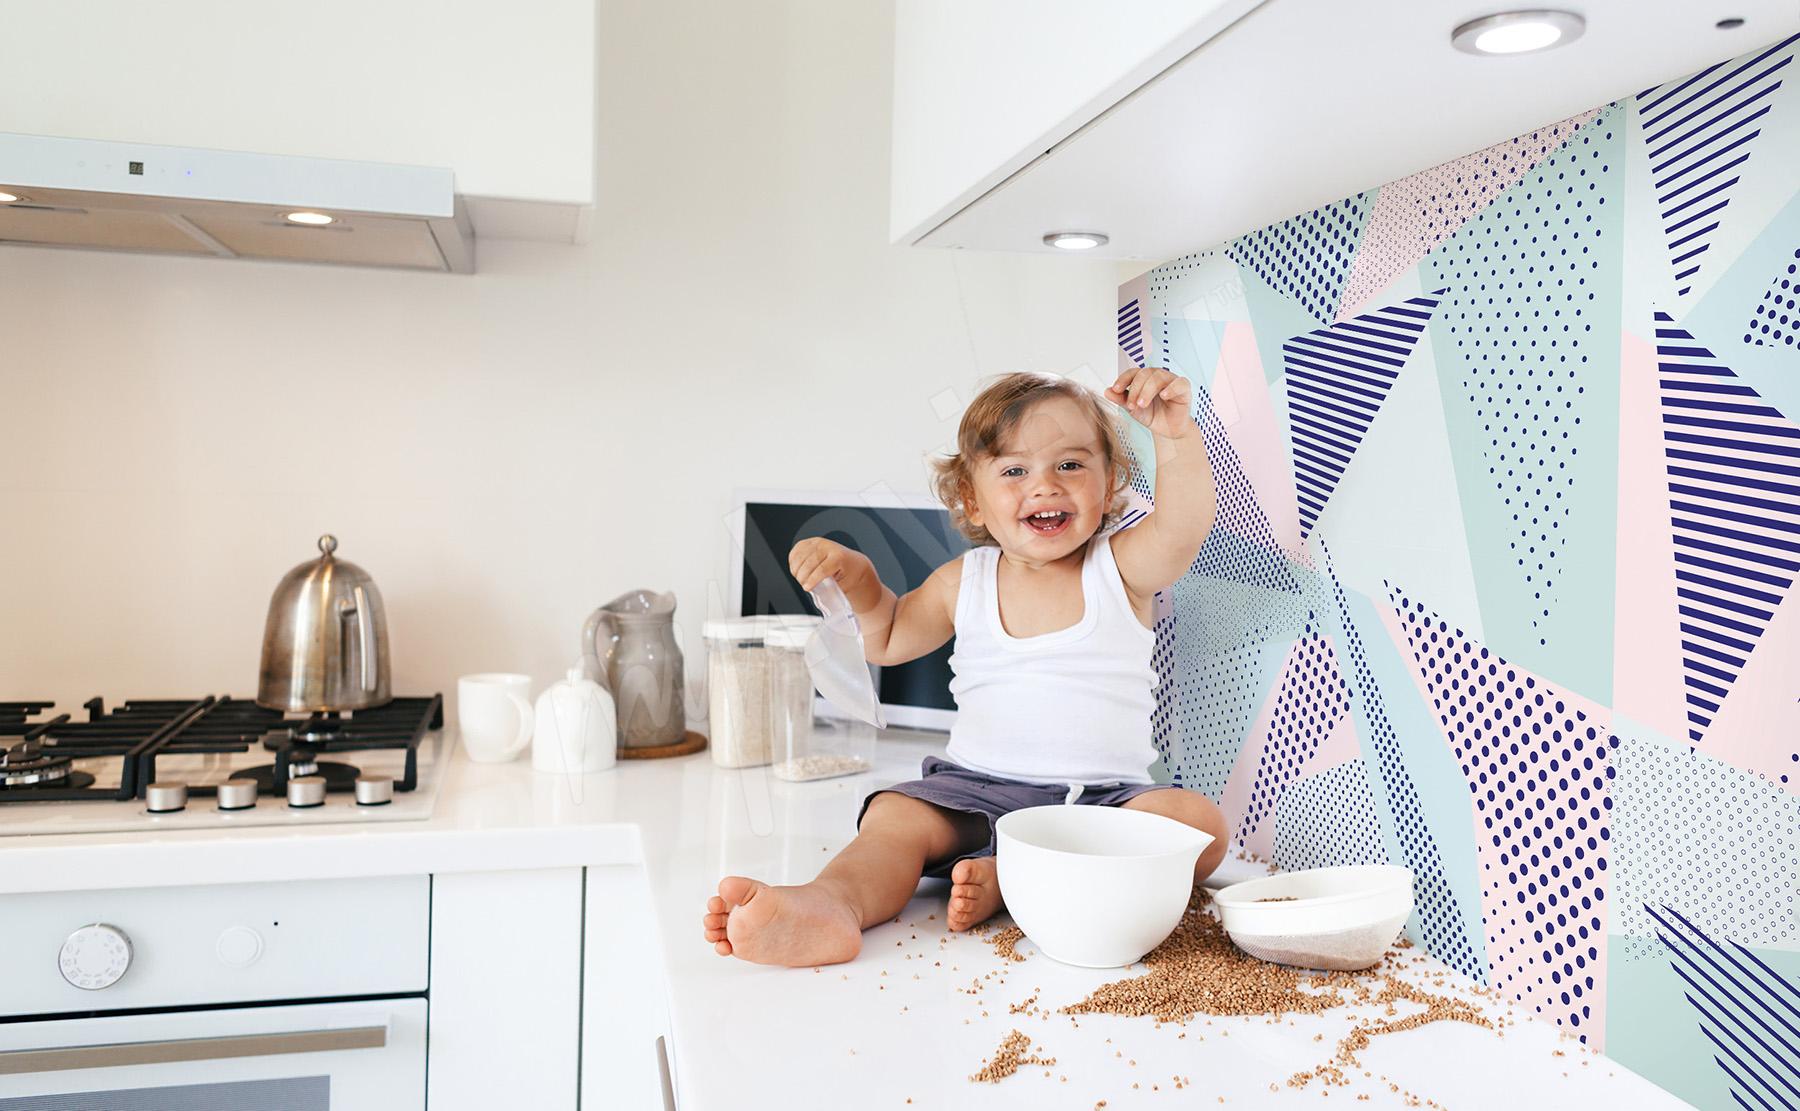 Papier Peint Pour Cuisine papiers peints cuisine •mur aux dimensions   myloview.fr